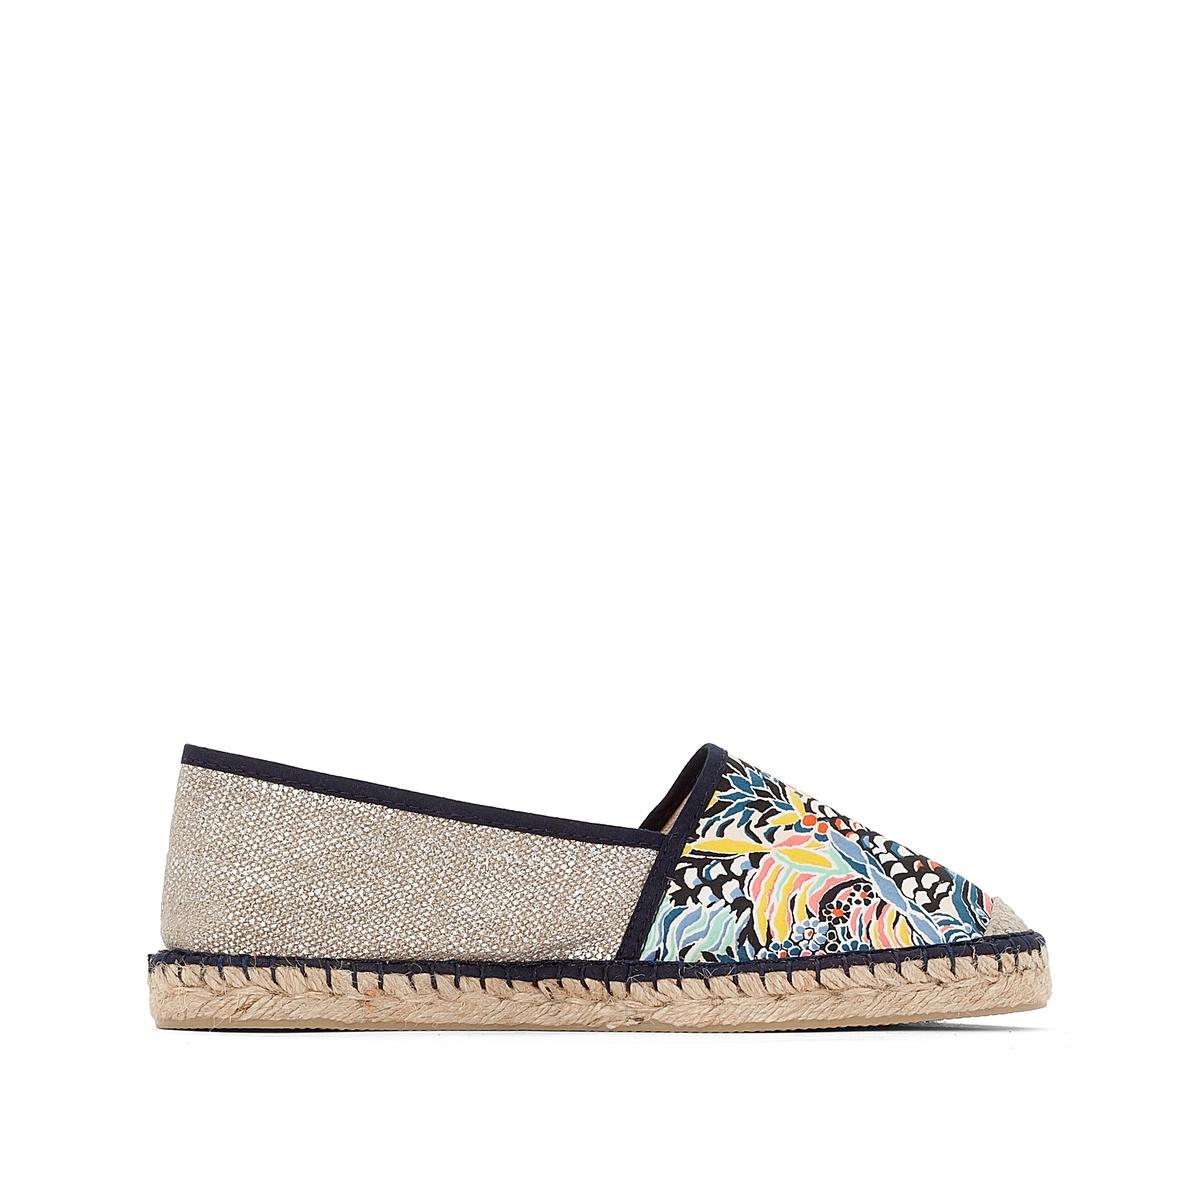 Туфли VP MixВерх: полотно и текстиль.Стелька: шнур.Подошва: каучук.Высота каблука: 2 см.Форма каблука: плоский каблук.Мысок: закругленный.Застежка: без застежки.<br><br>Цвет: синий/наб. рисунок<br>Размер: 40